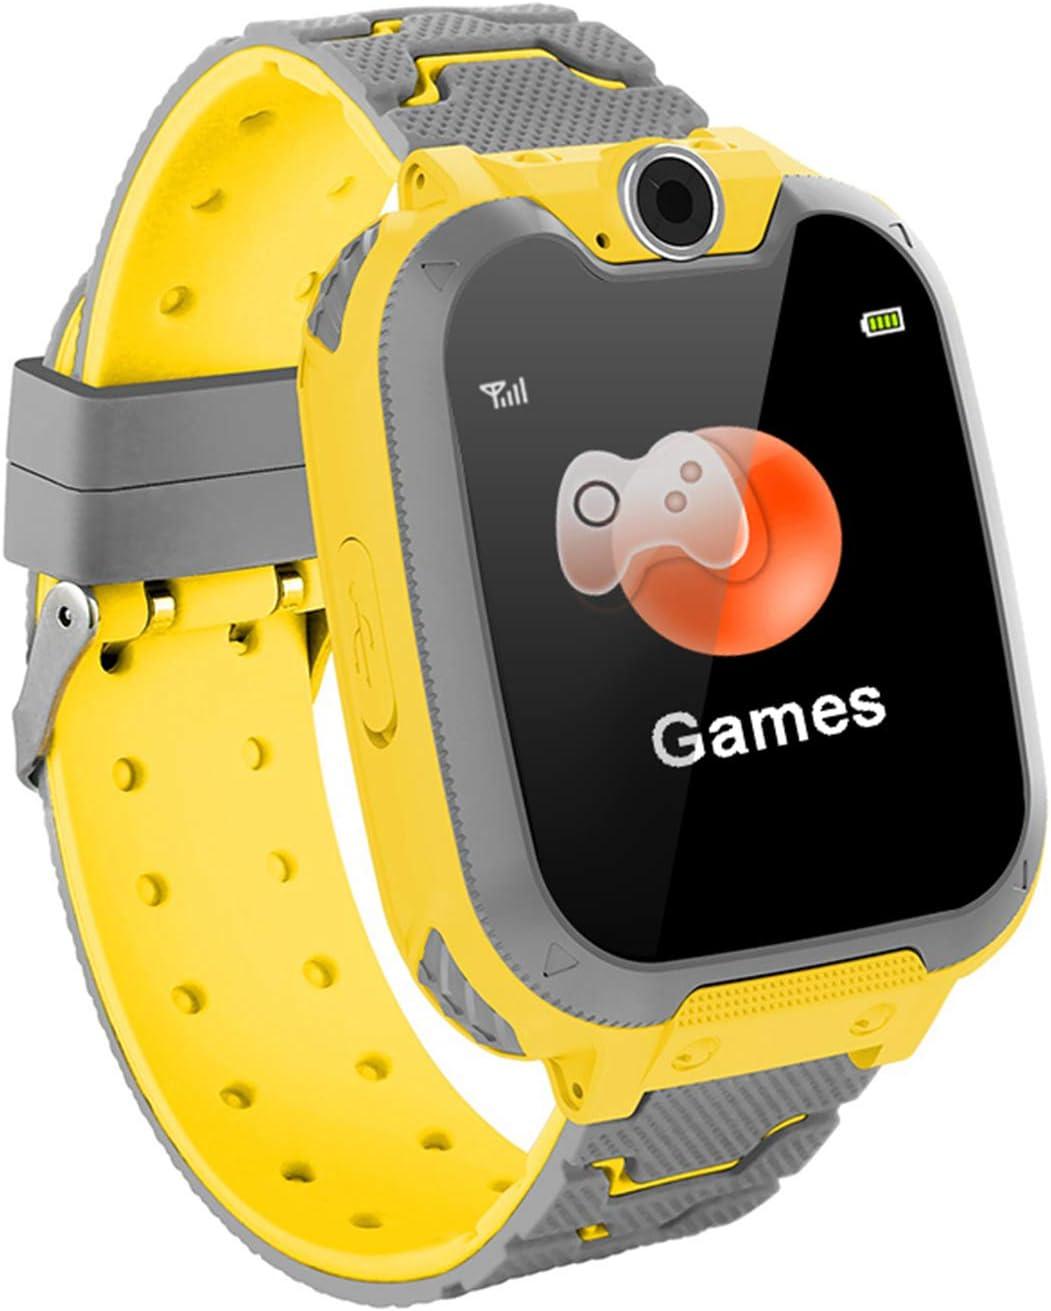 Smartwatch Niños Musica MP3 - Reloj Inteligente Niño 7 Juegos - Reloj del Teléfono, Reloj Inteligente Niña, Reloj de Cámara Alarma, Realiza Llamadas, Regalos Inteligentes para Niños, Smart Watch Niña